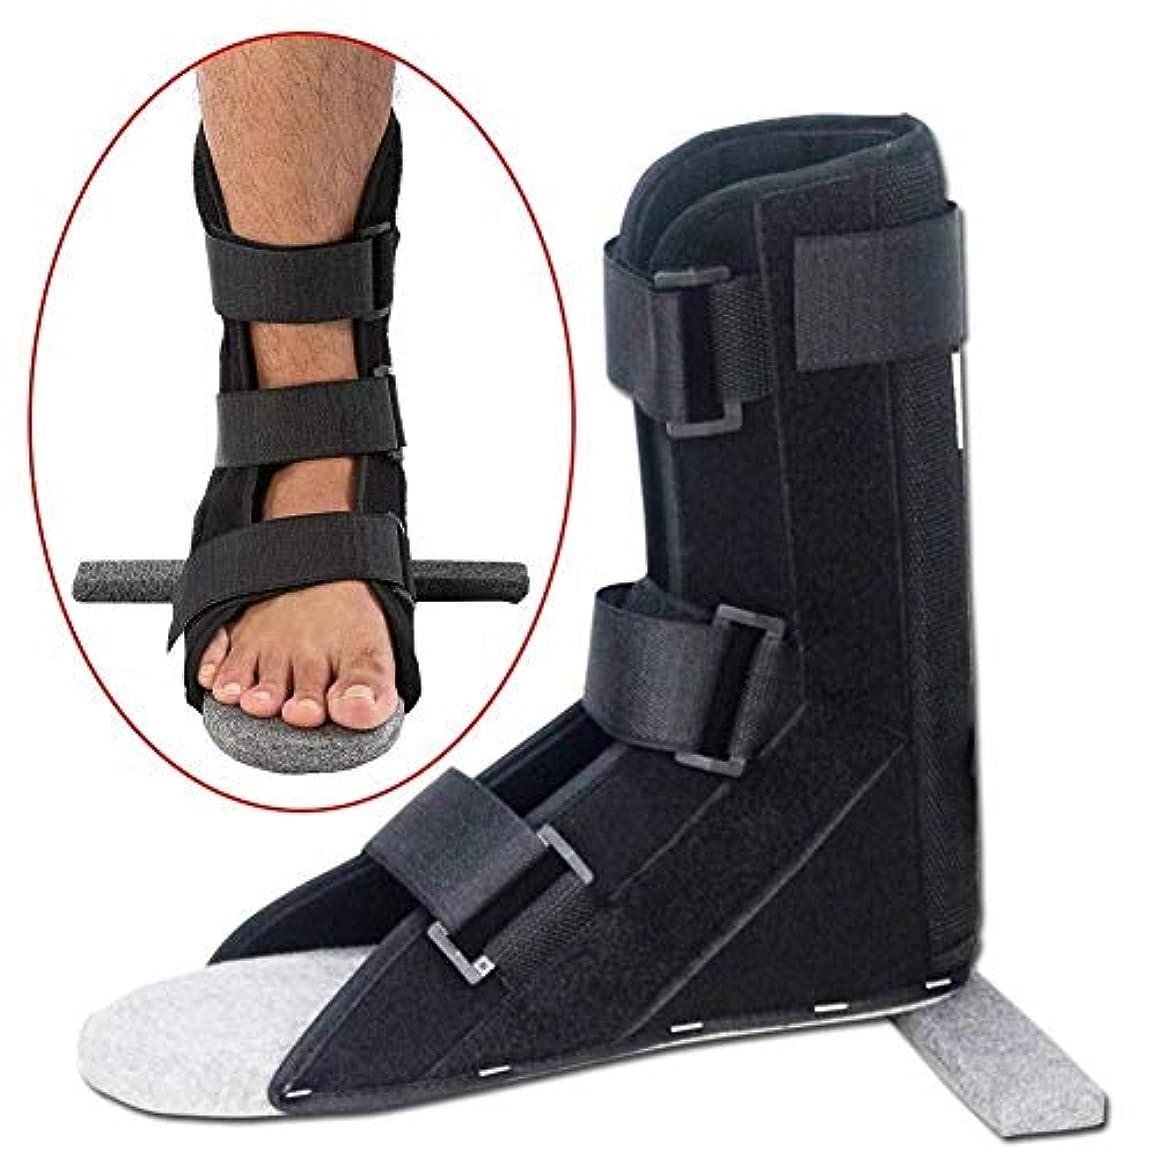 貯水池柱あいさつフットドロップサポートシューズ、正しい足外反、痛みと回復の捻Sp足首装具、脳卒中リハビリテーション装具、男女兼用 (色 : L)